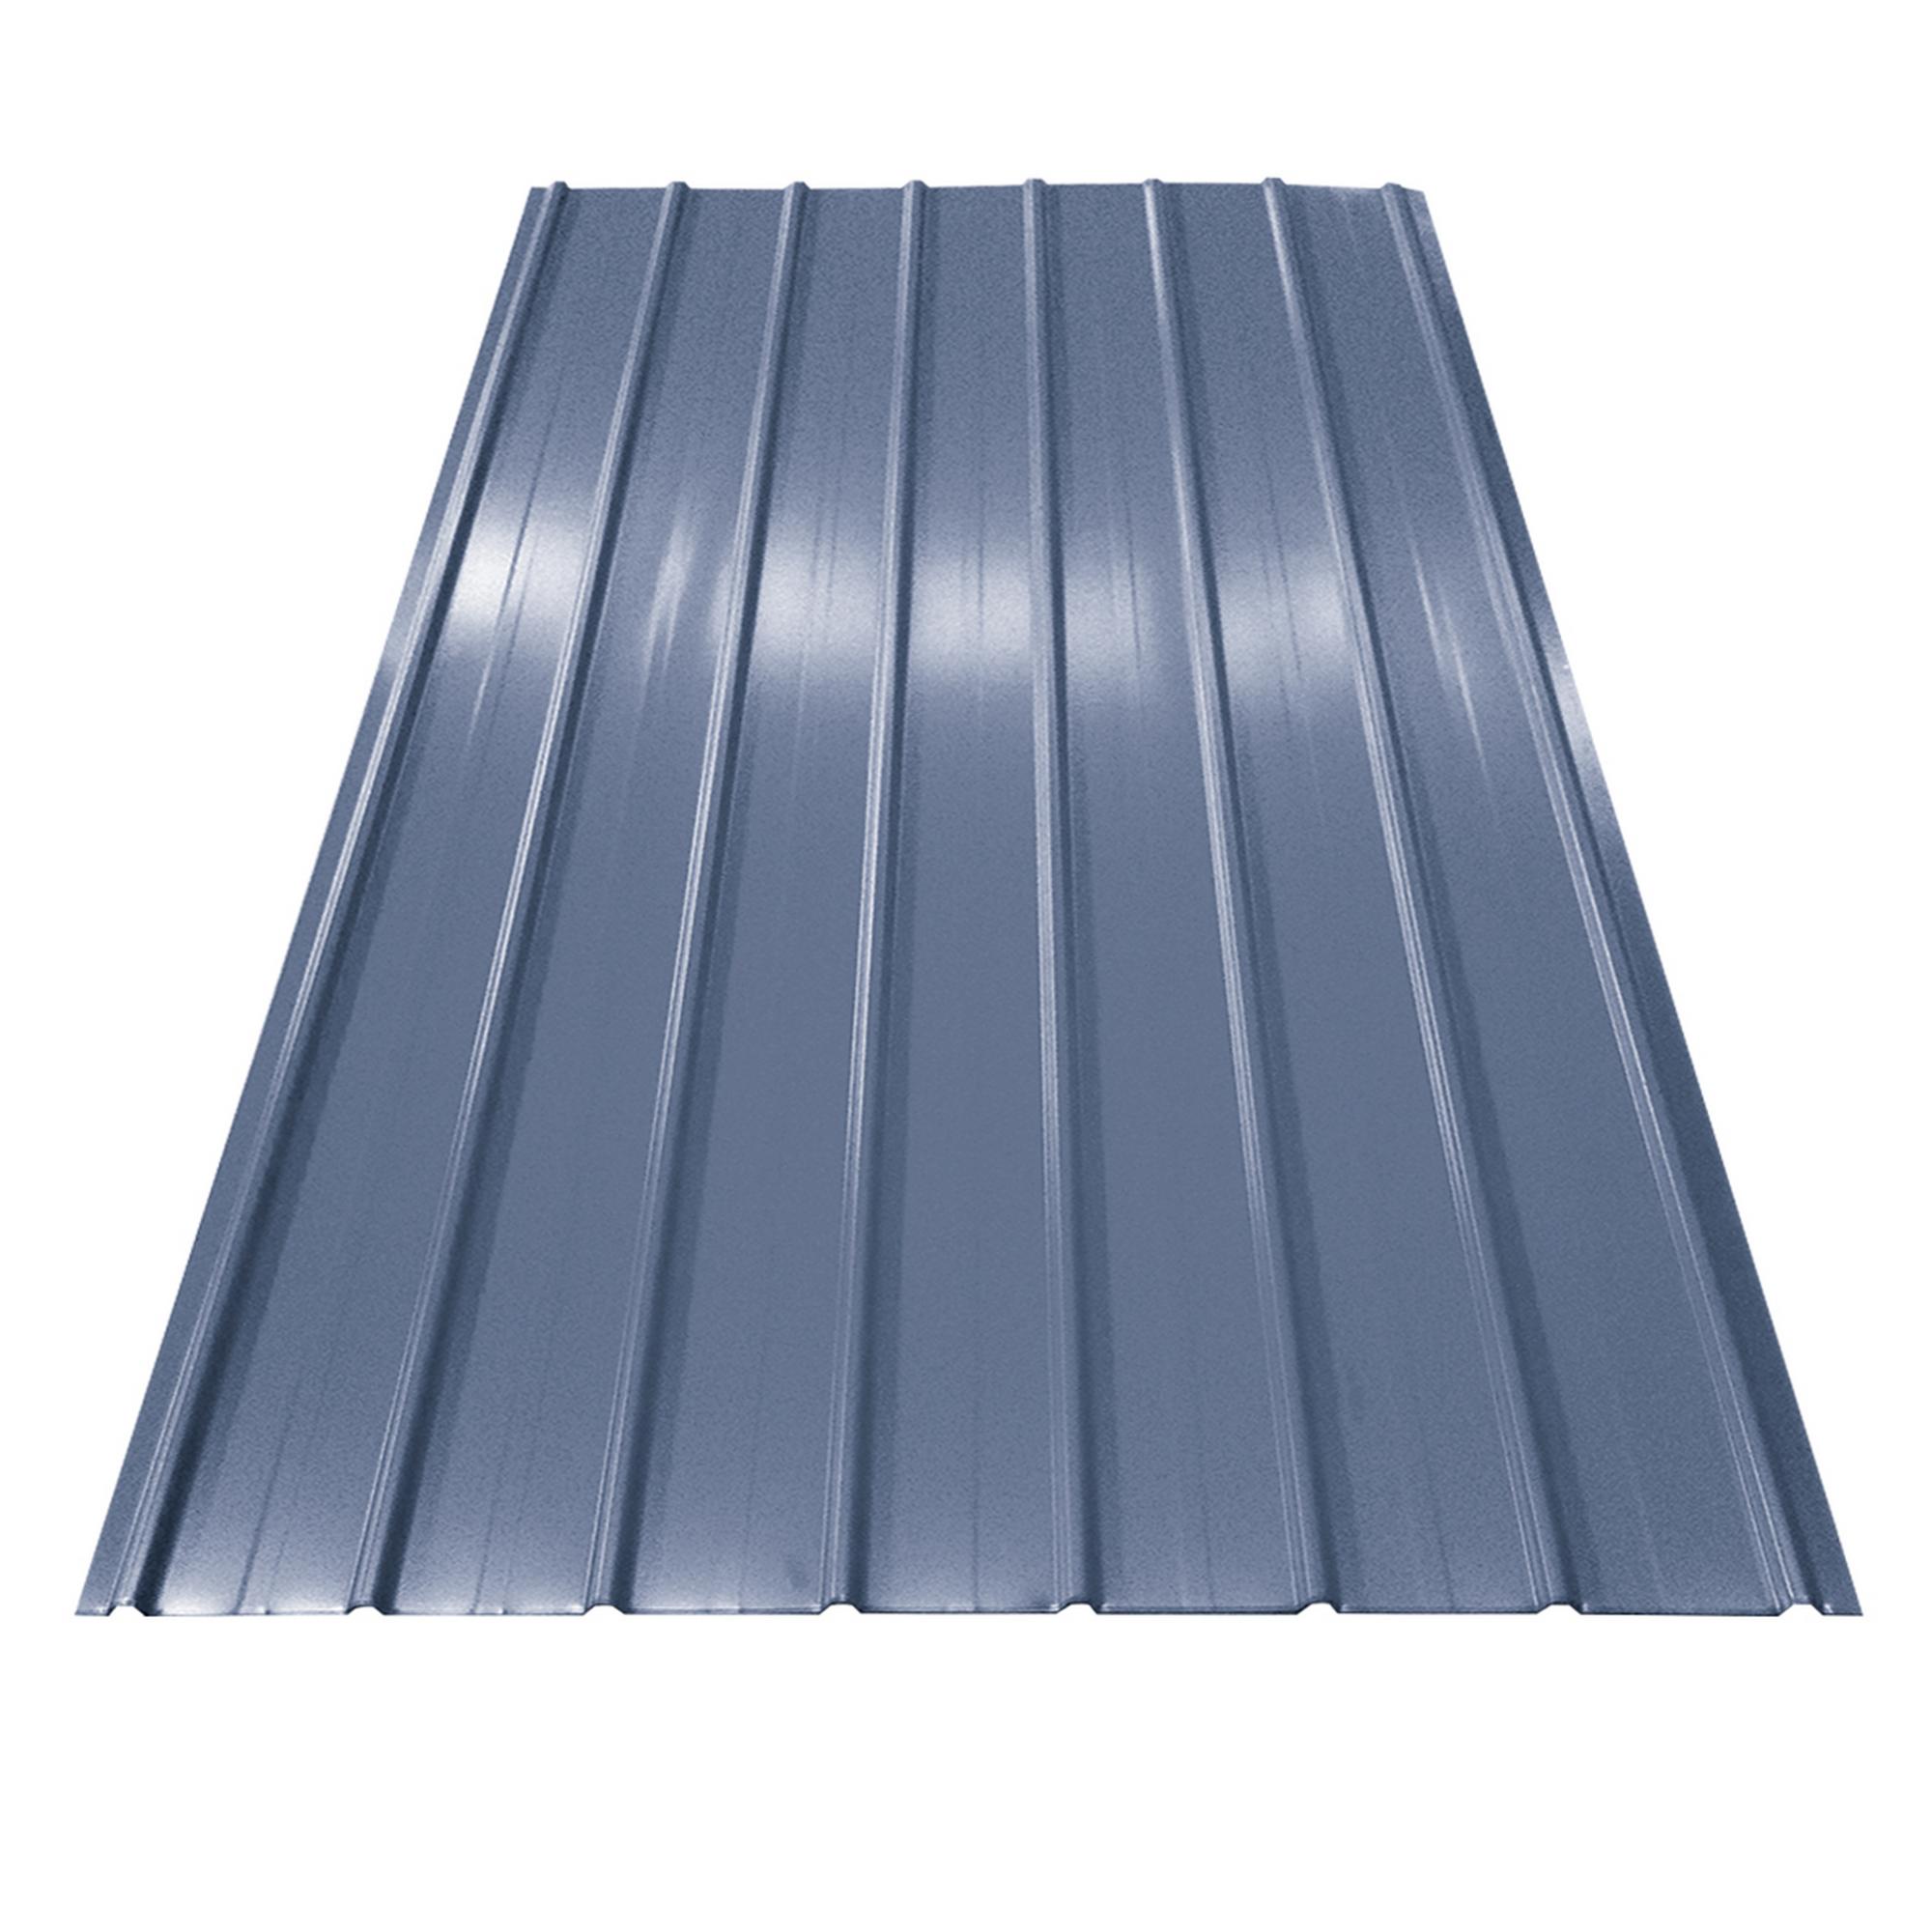 100 Trapezblech Schrauben Trapezbleche Profilbleche 4,8x35 Verzinkt Dach